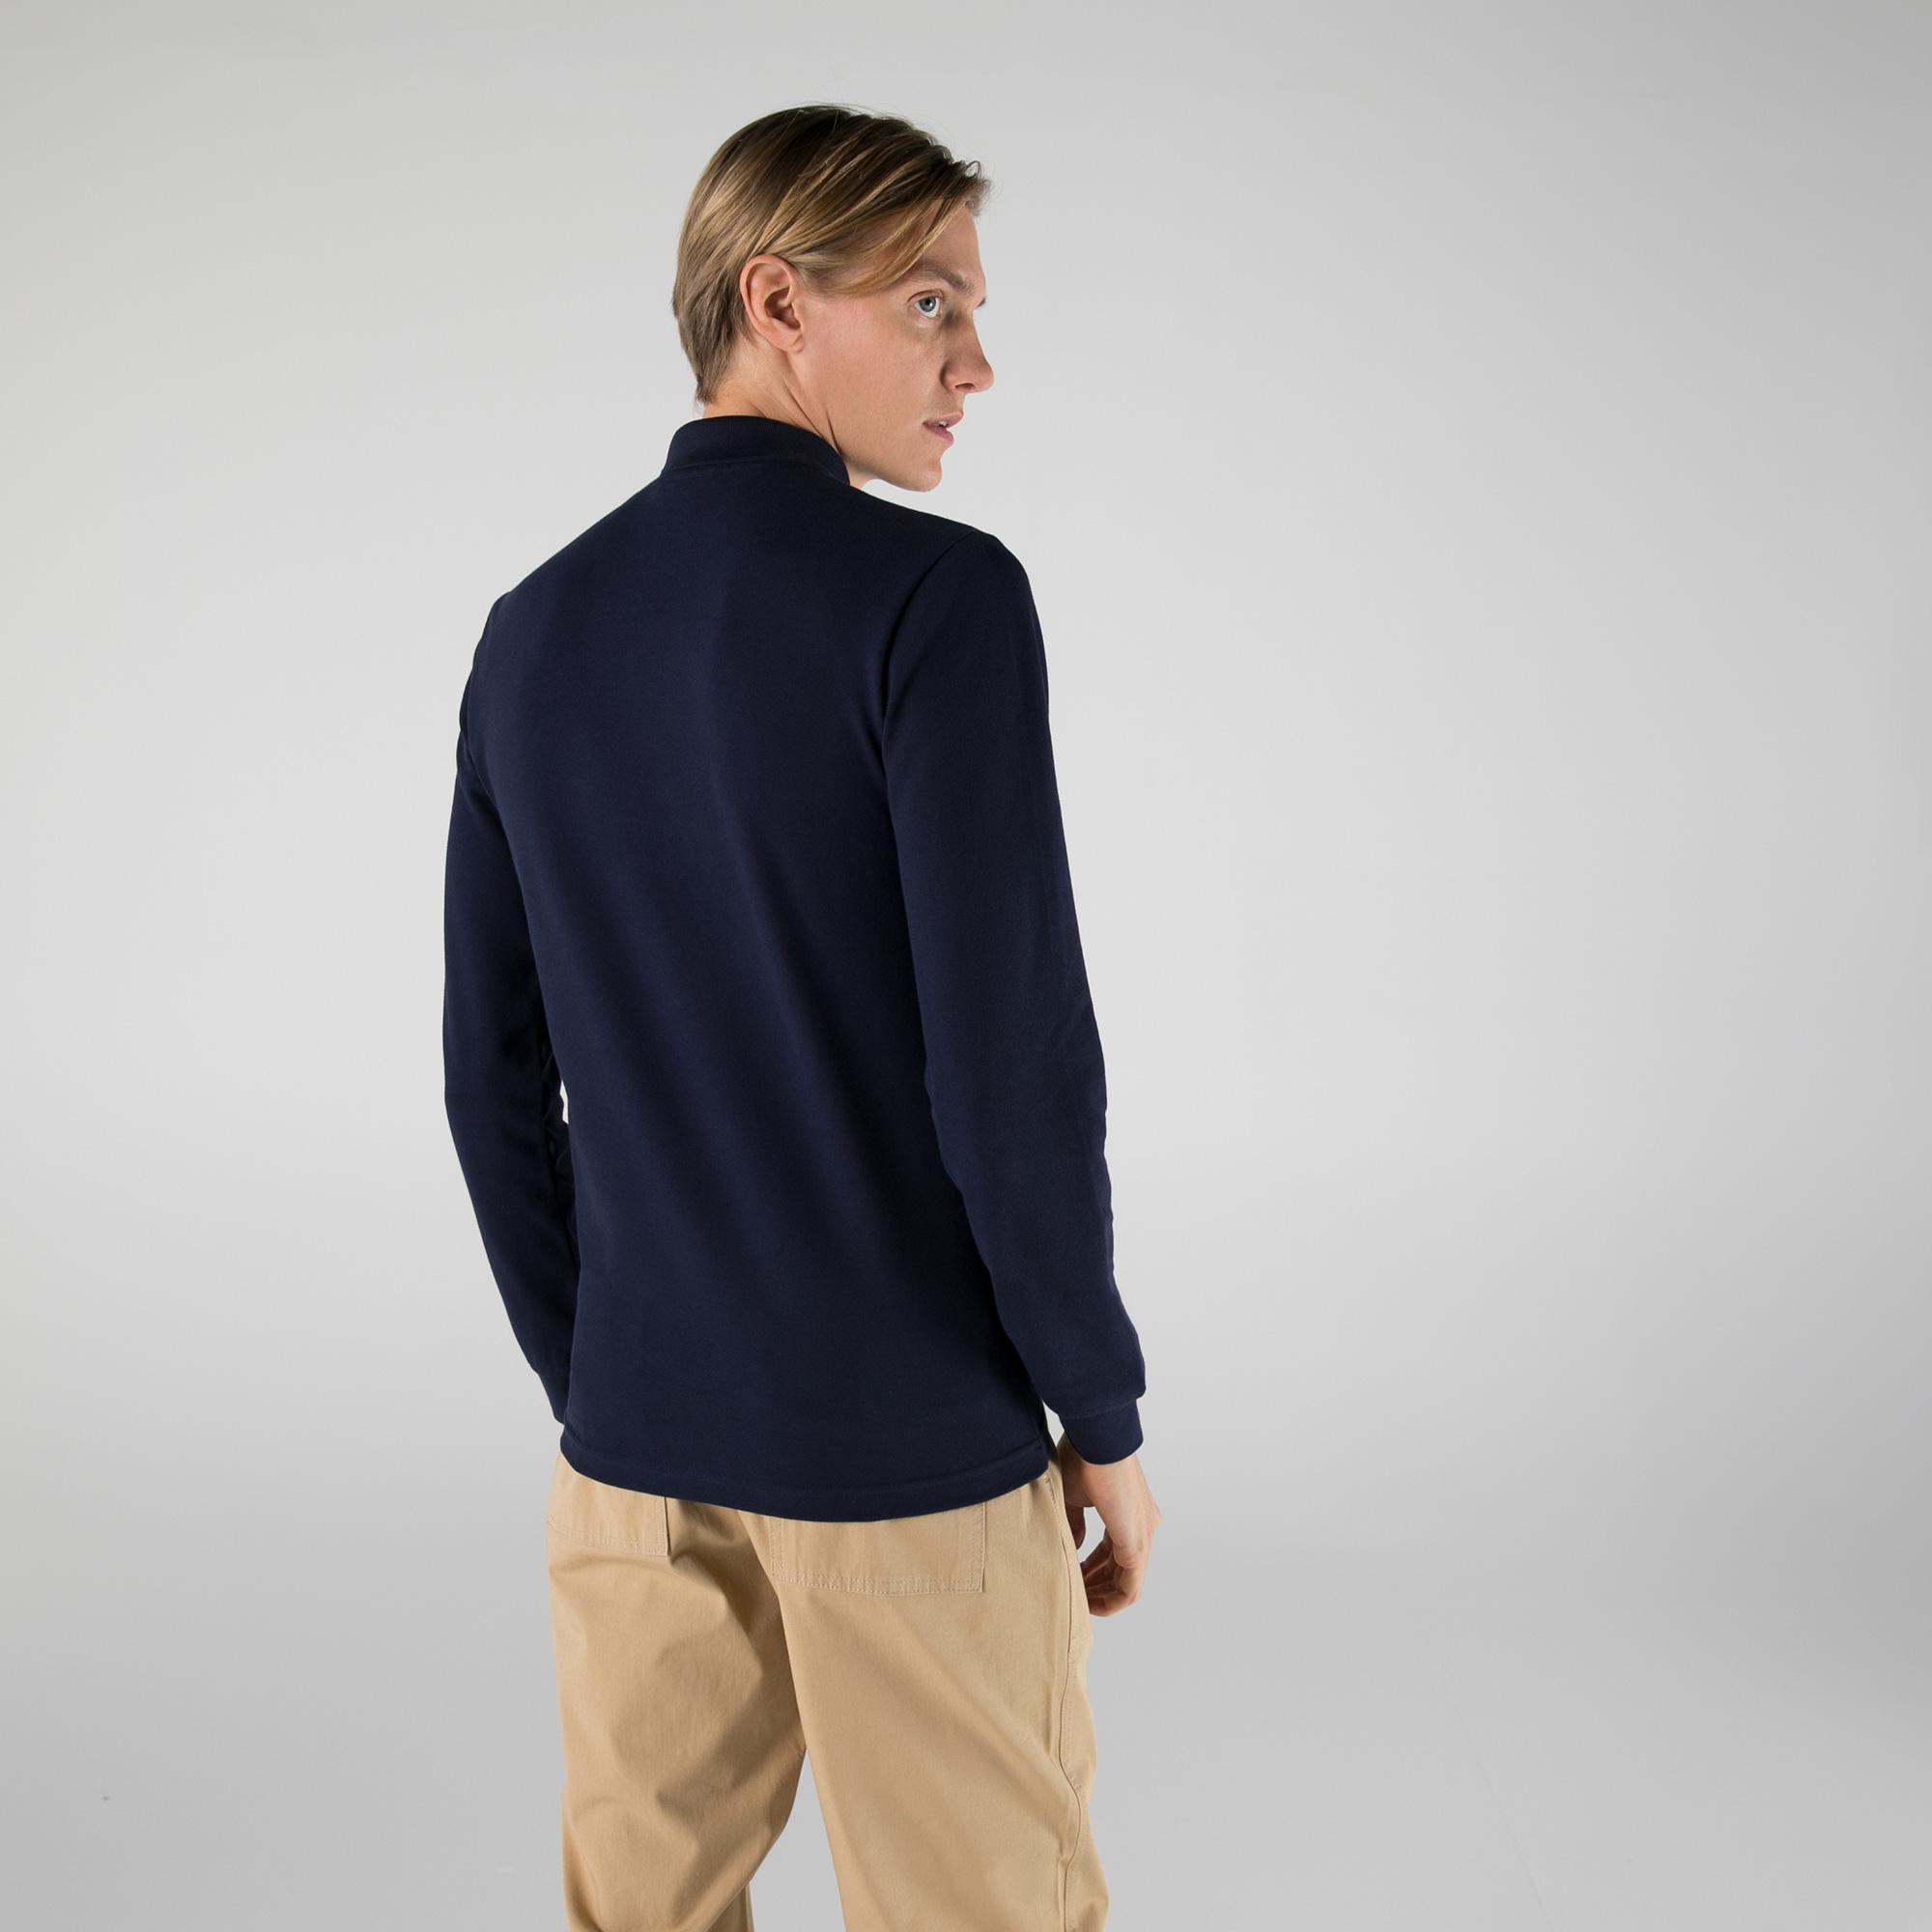 Lacoste Erkek Slim Fit Uzun Kollu Yarım Fermuarlı Lacivert Polo